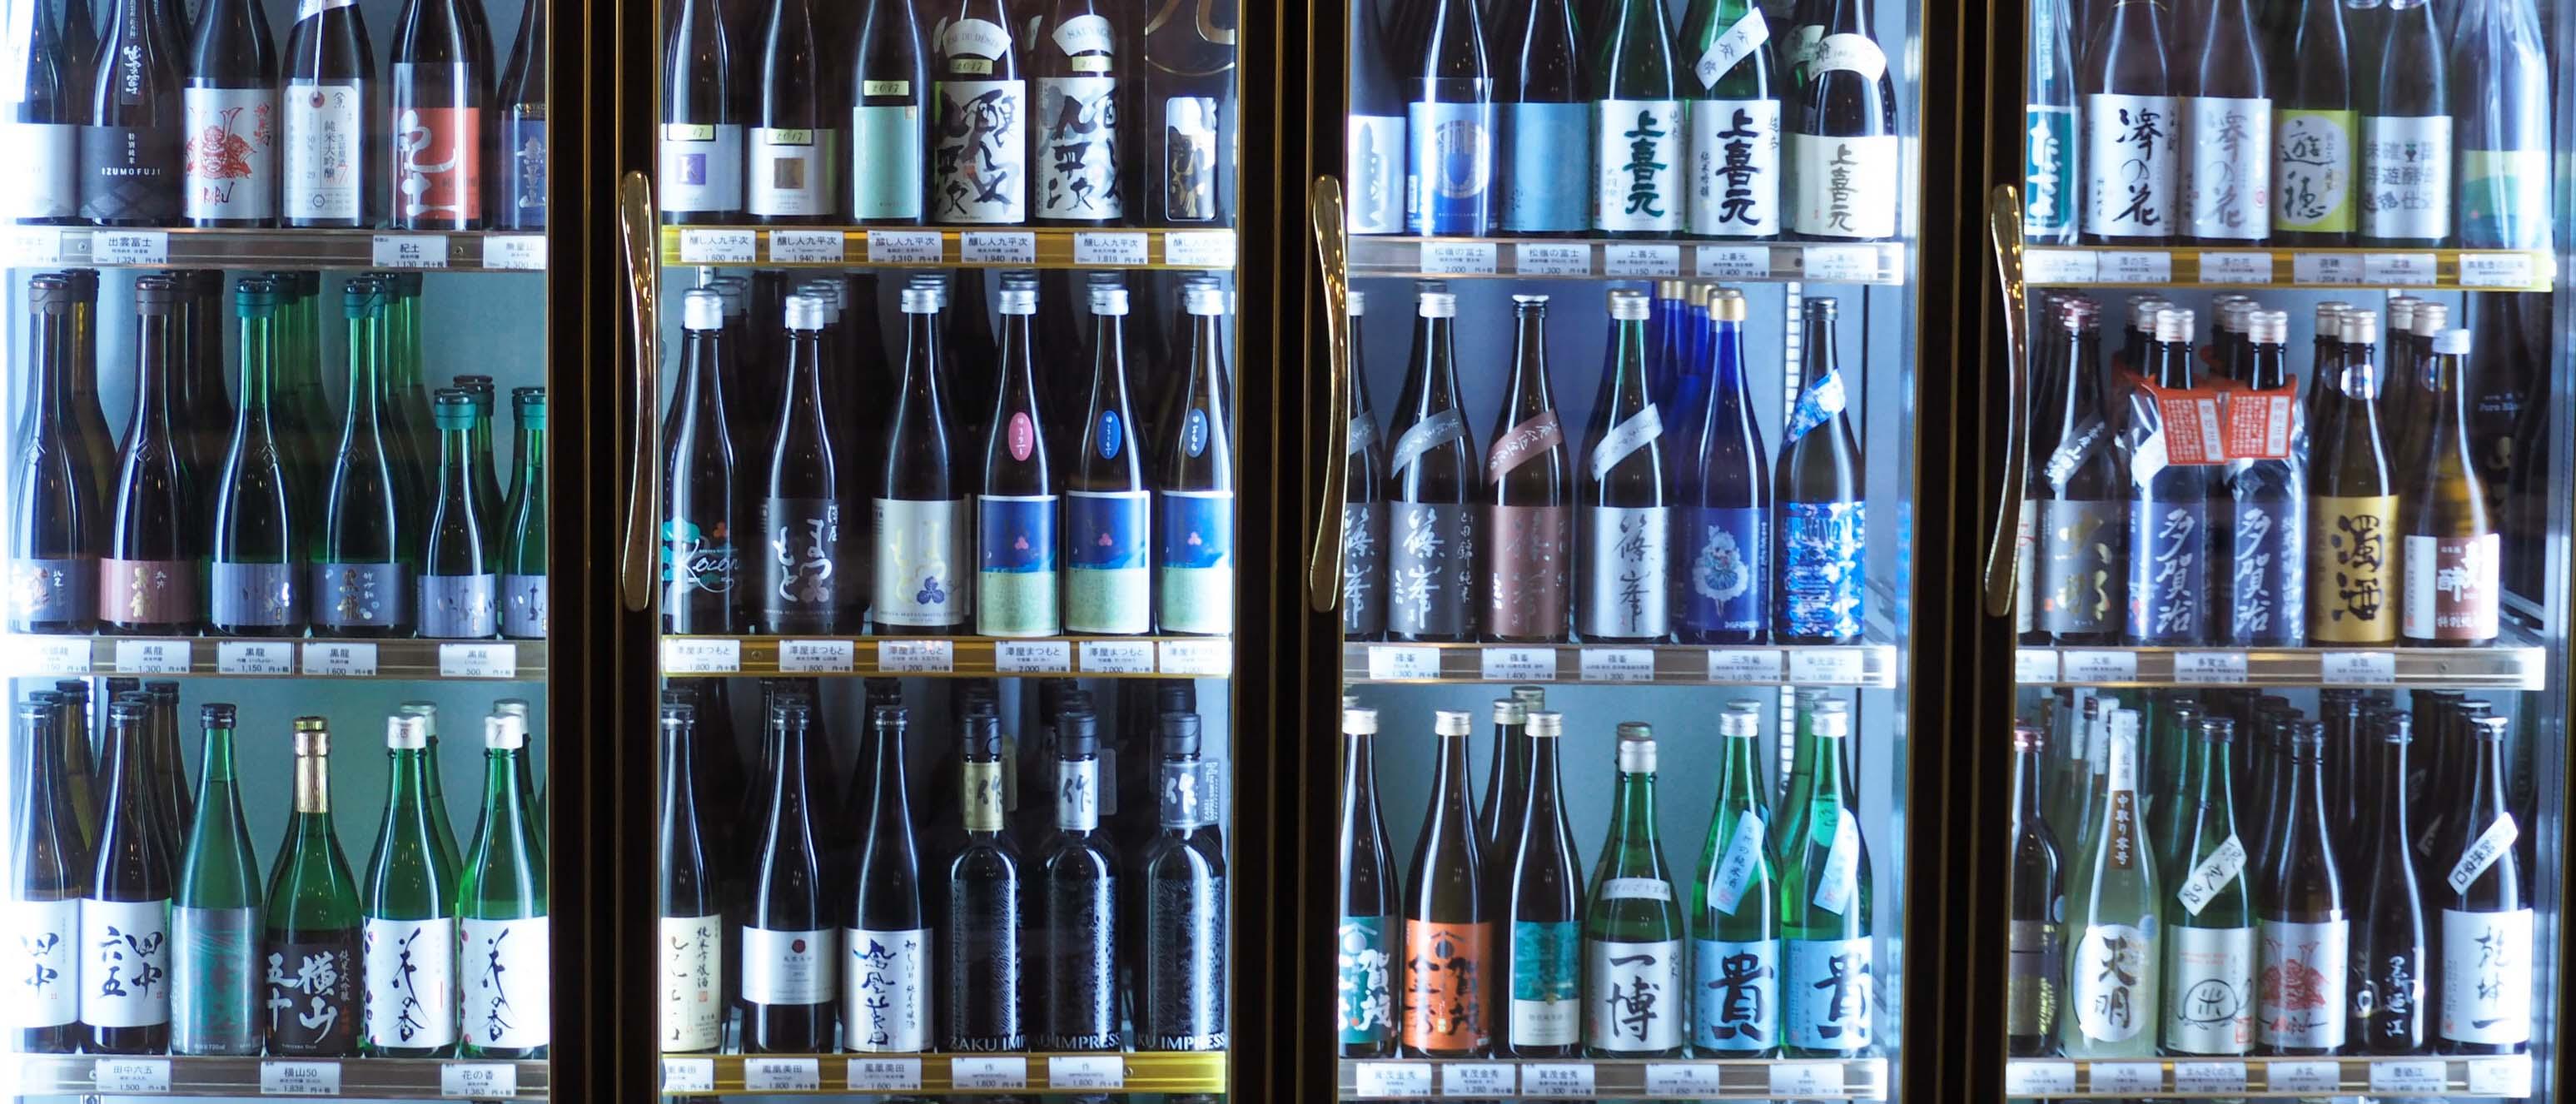 日本酒専門店スタッフがおすすめ!一度は飲んでほしい最高に美味い日本酒7選